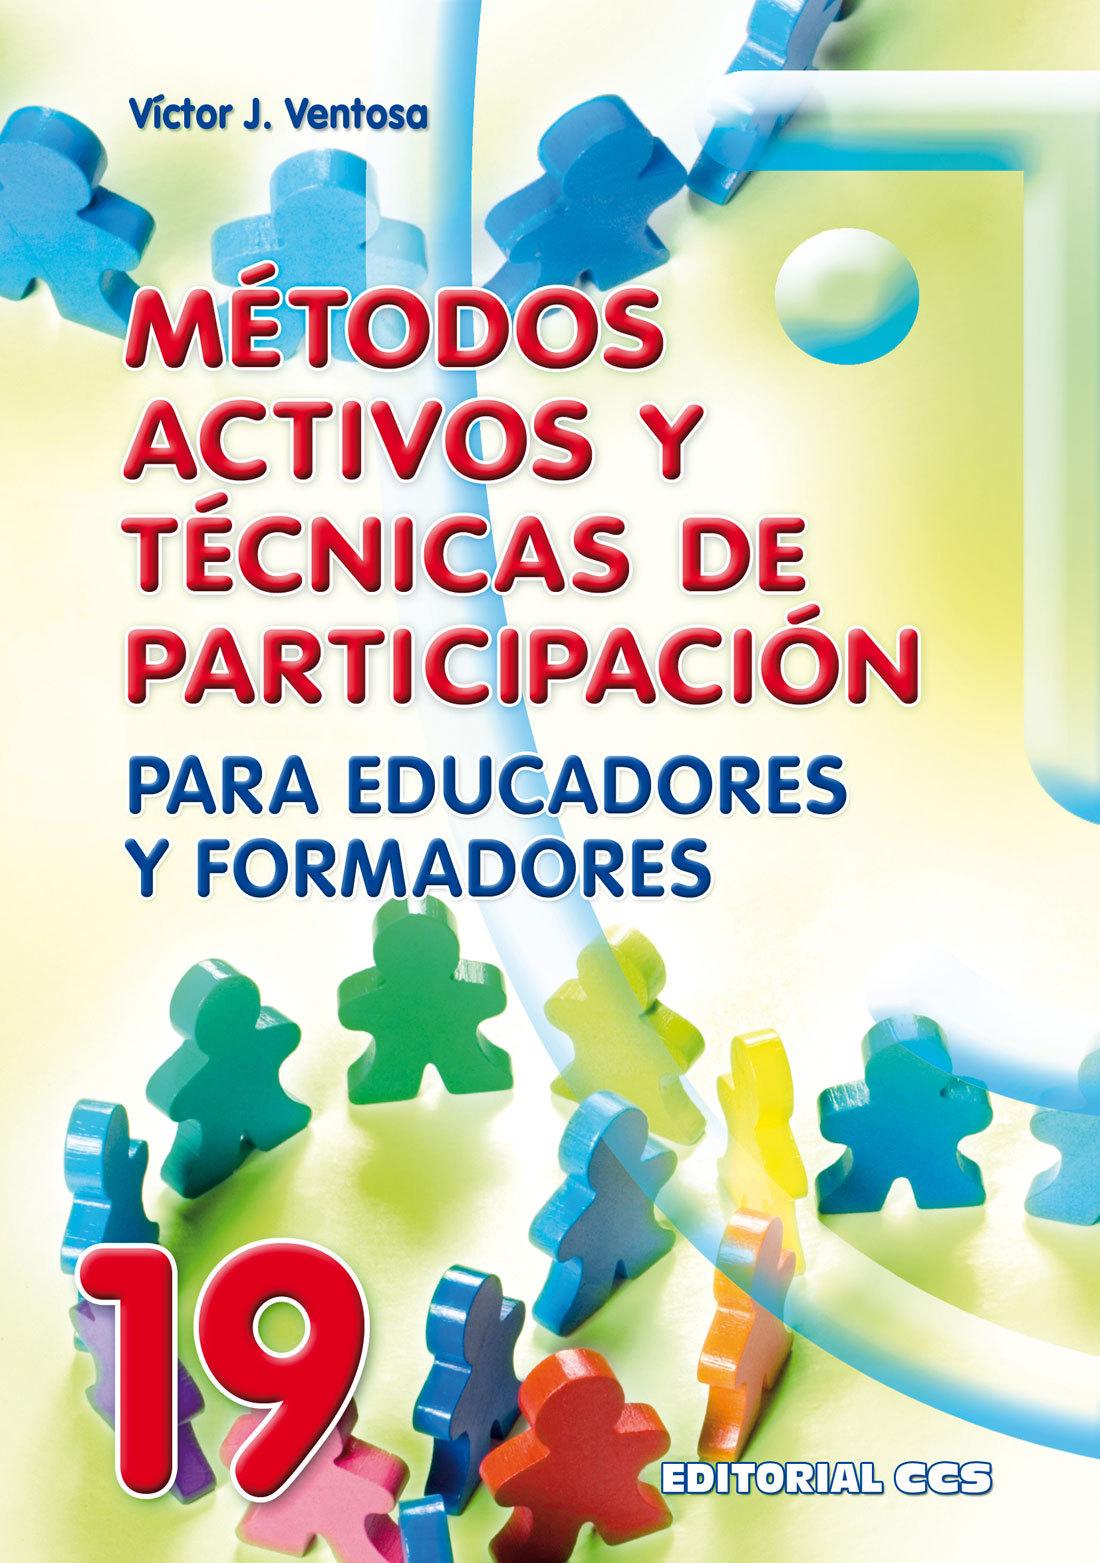 MÉTODOS ACTIVOS Y TÉCNICAS DE PARTICIPACIÓN PARA EDUCADORES Y FORMADOR